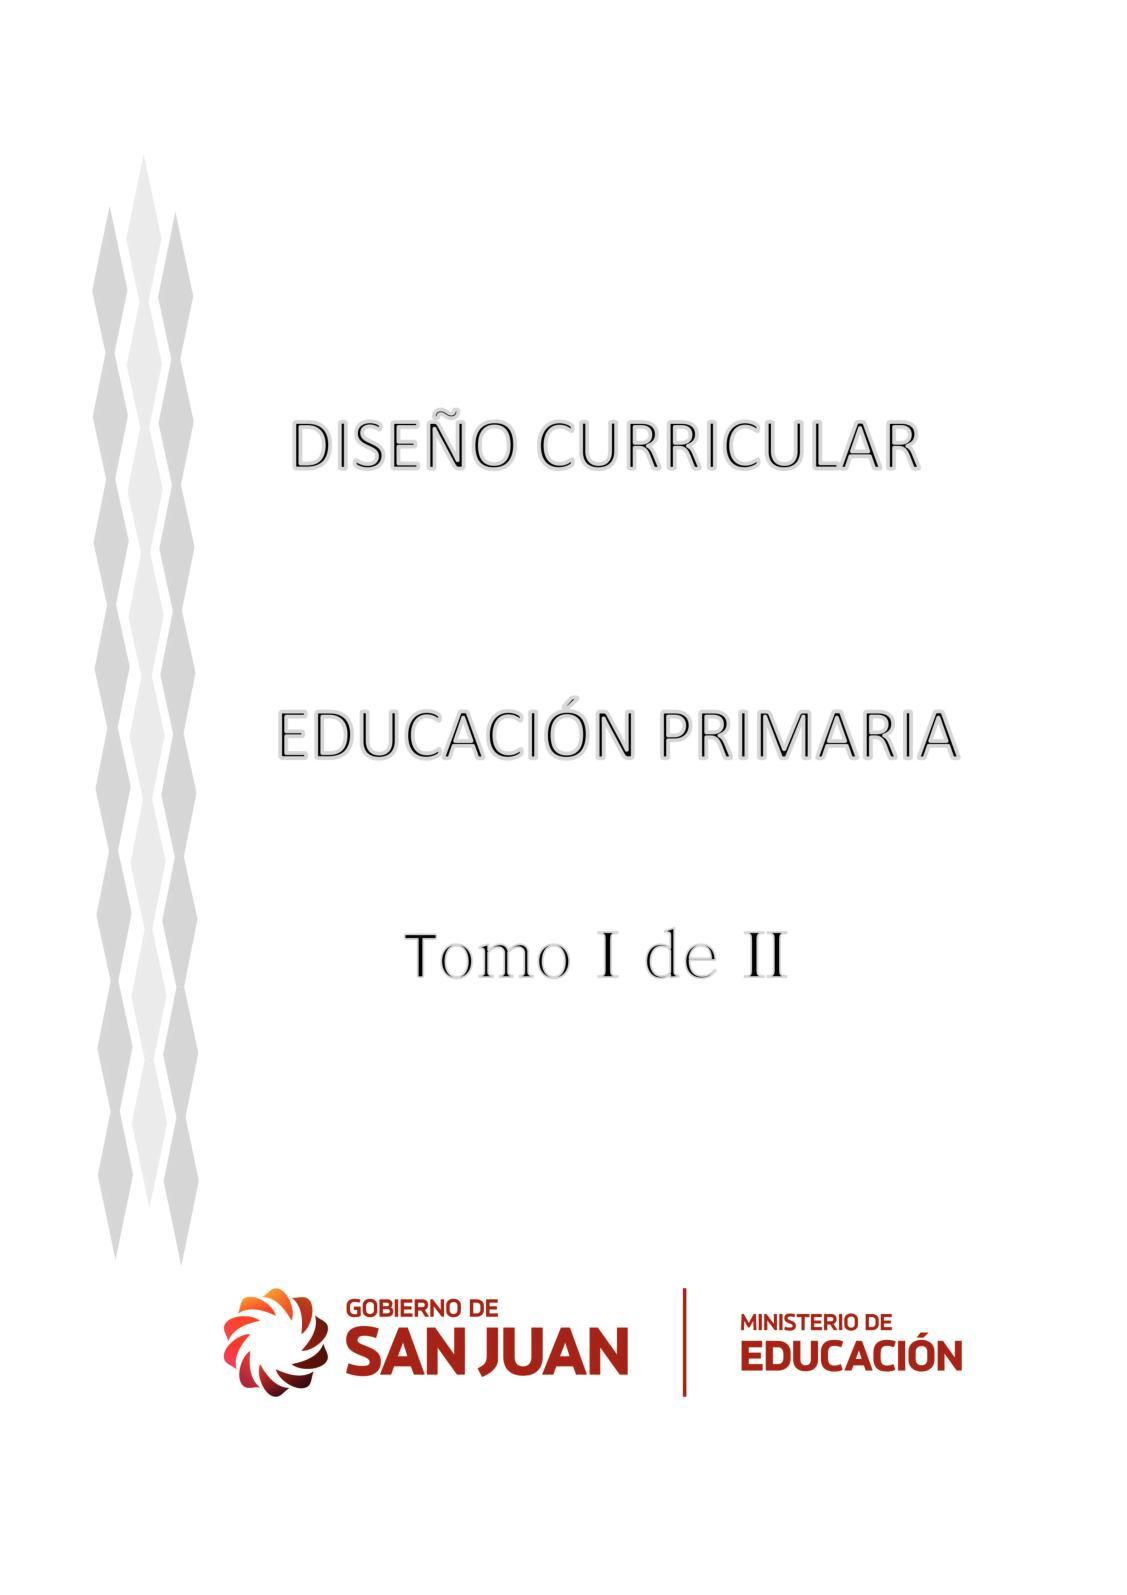 Calaméo - Diseño Curricular